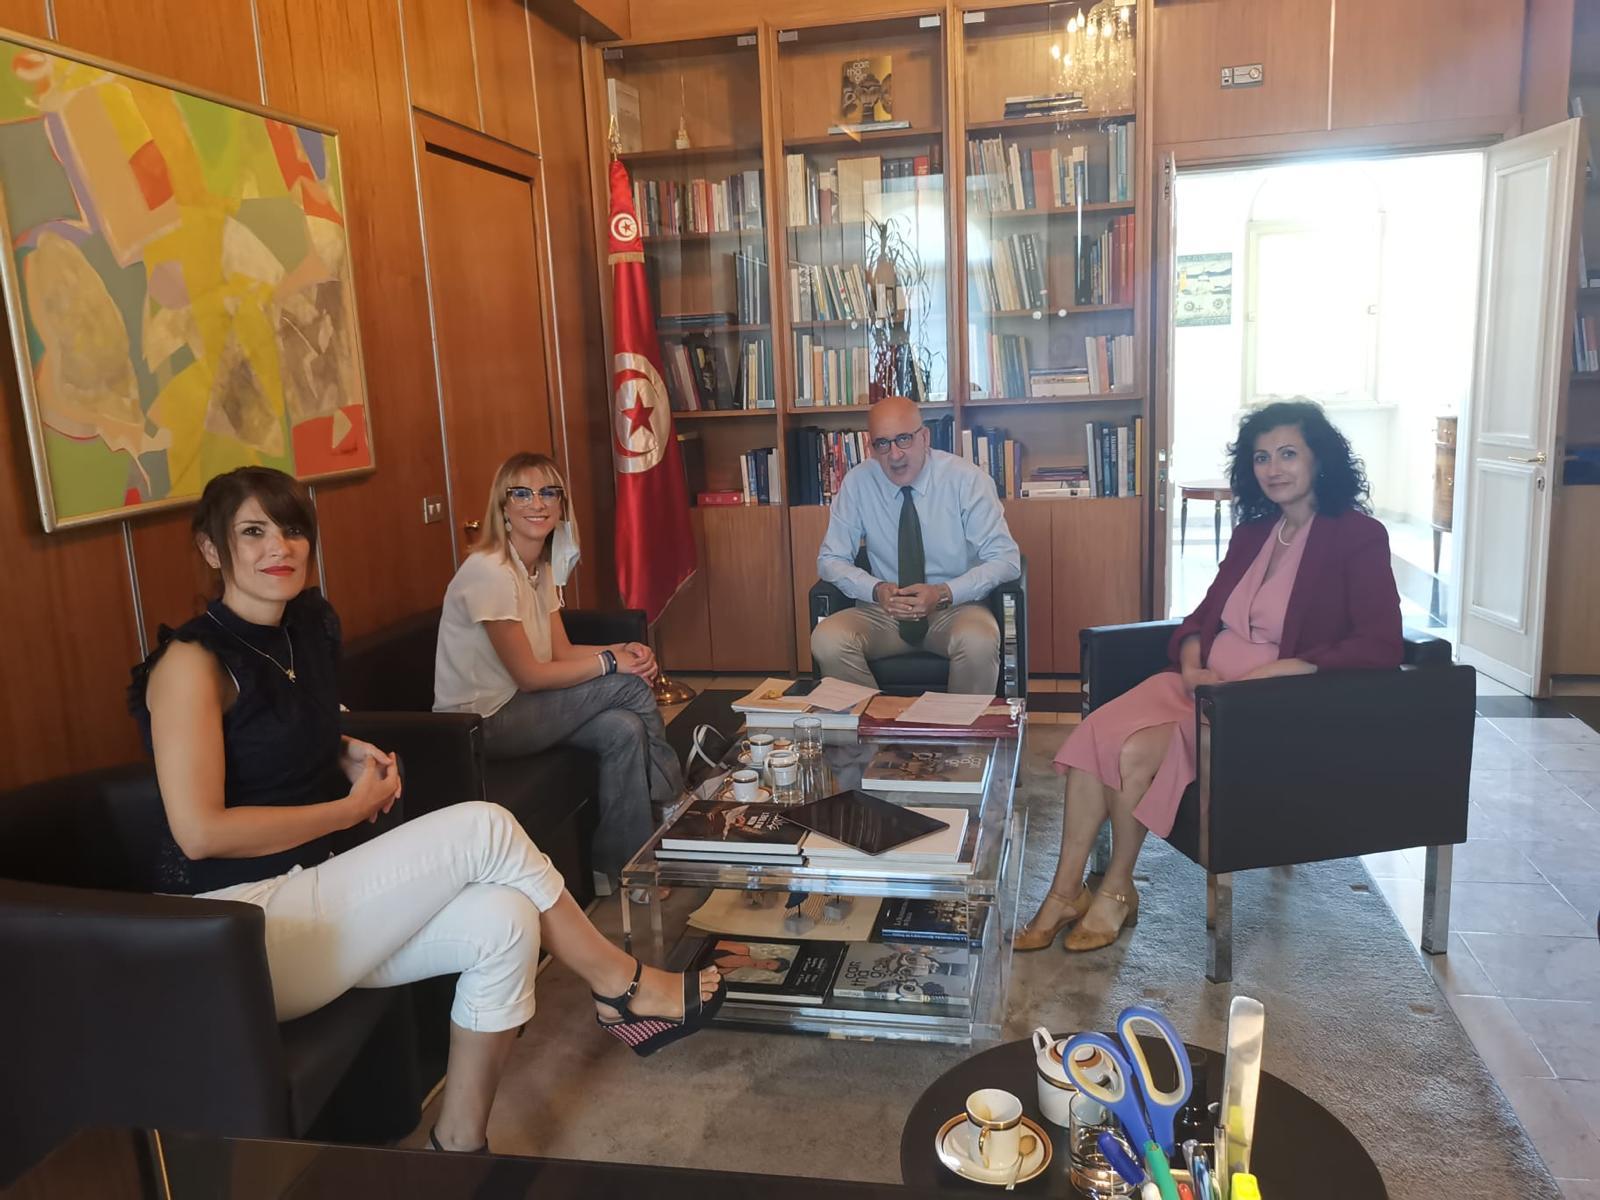 La deputata del M5S Vita Martinciglio ha incontrato l'ambasciatore tunisino in Italia Moez Sianoui per affrontare il tema dell'emergenza immigrazione legata agli sbarchi